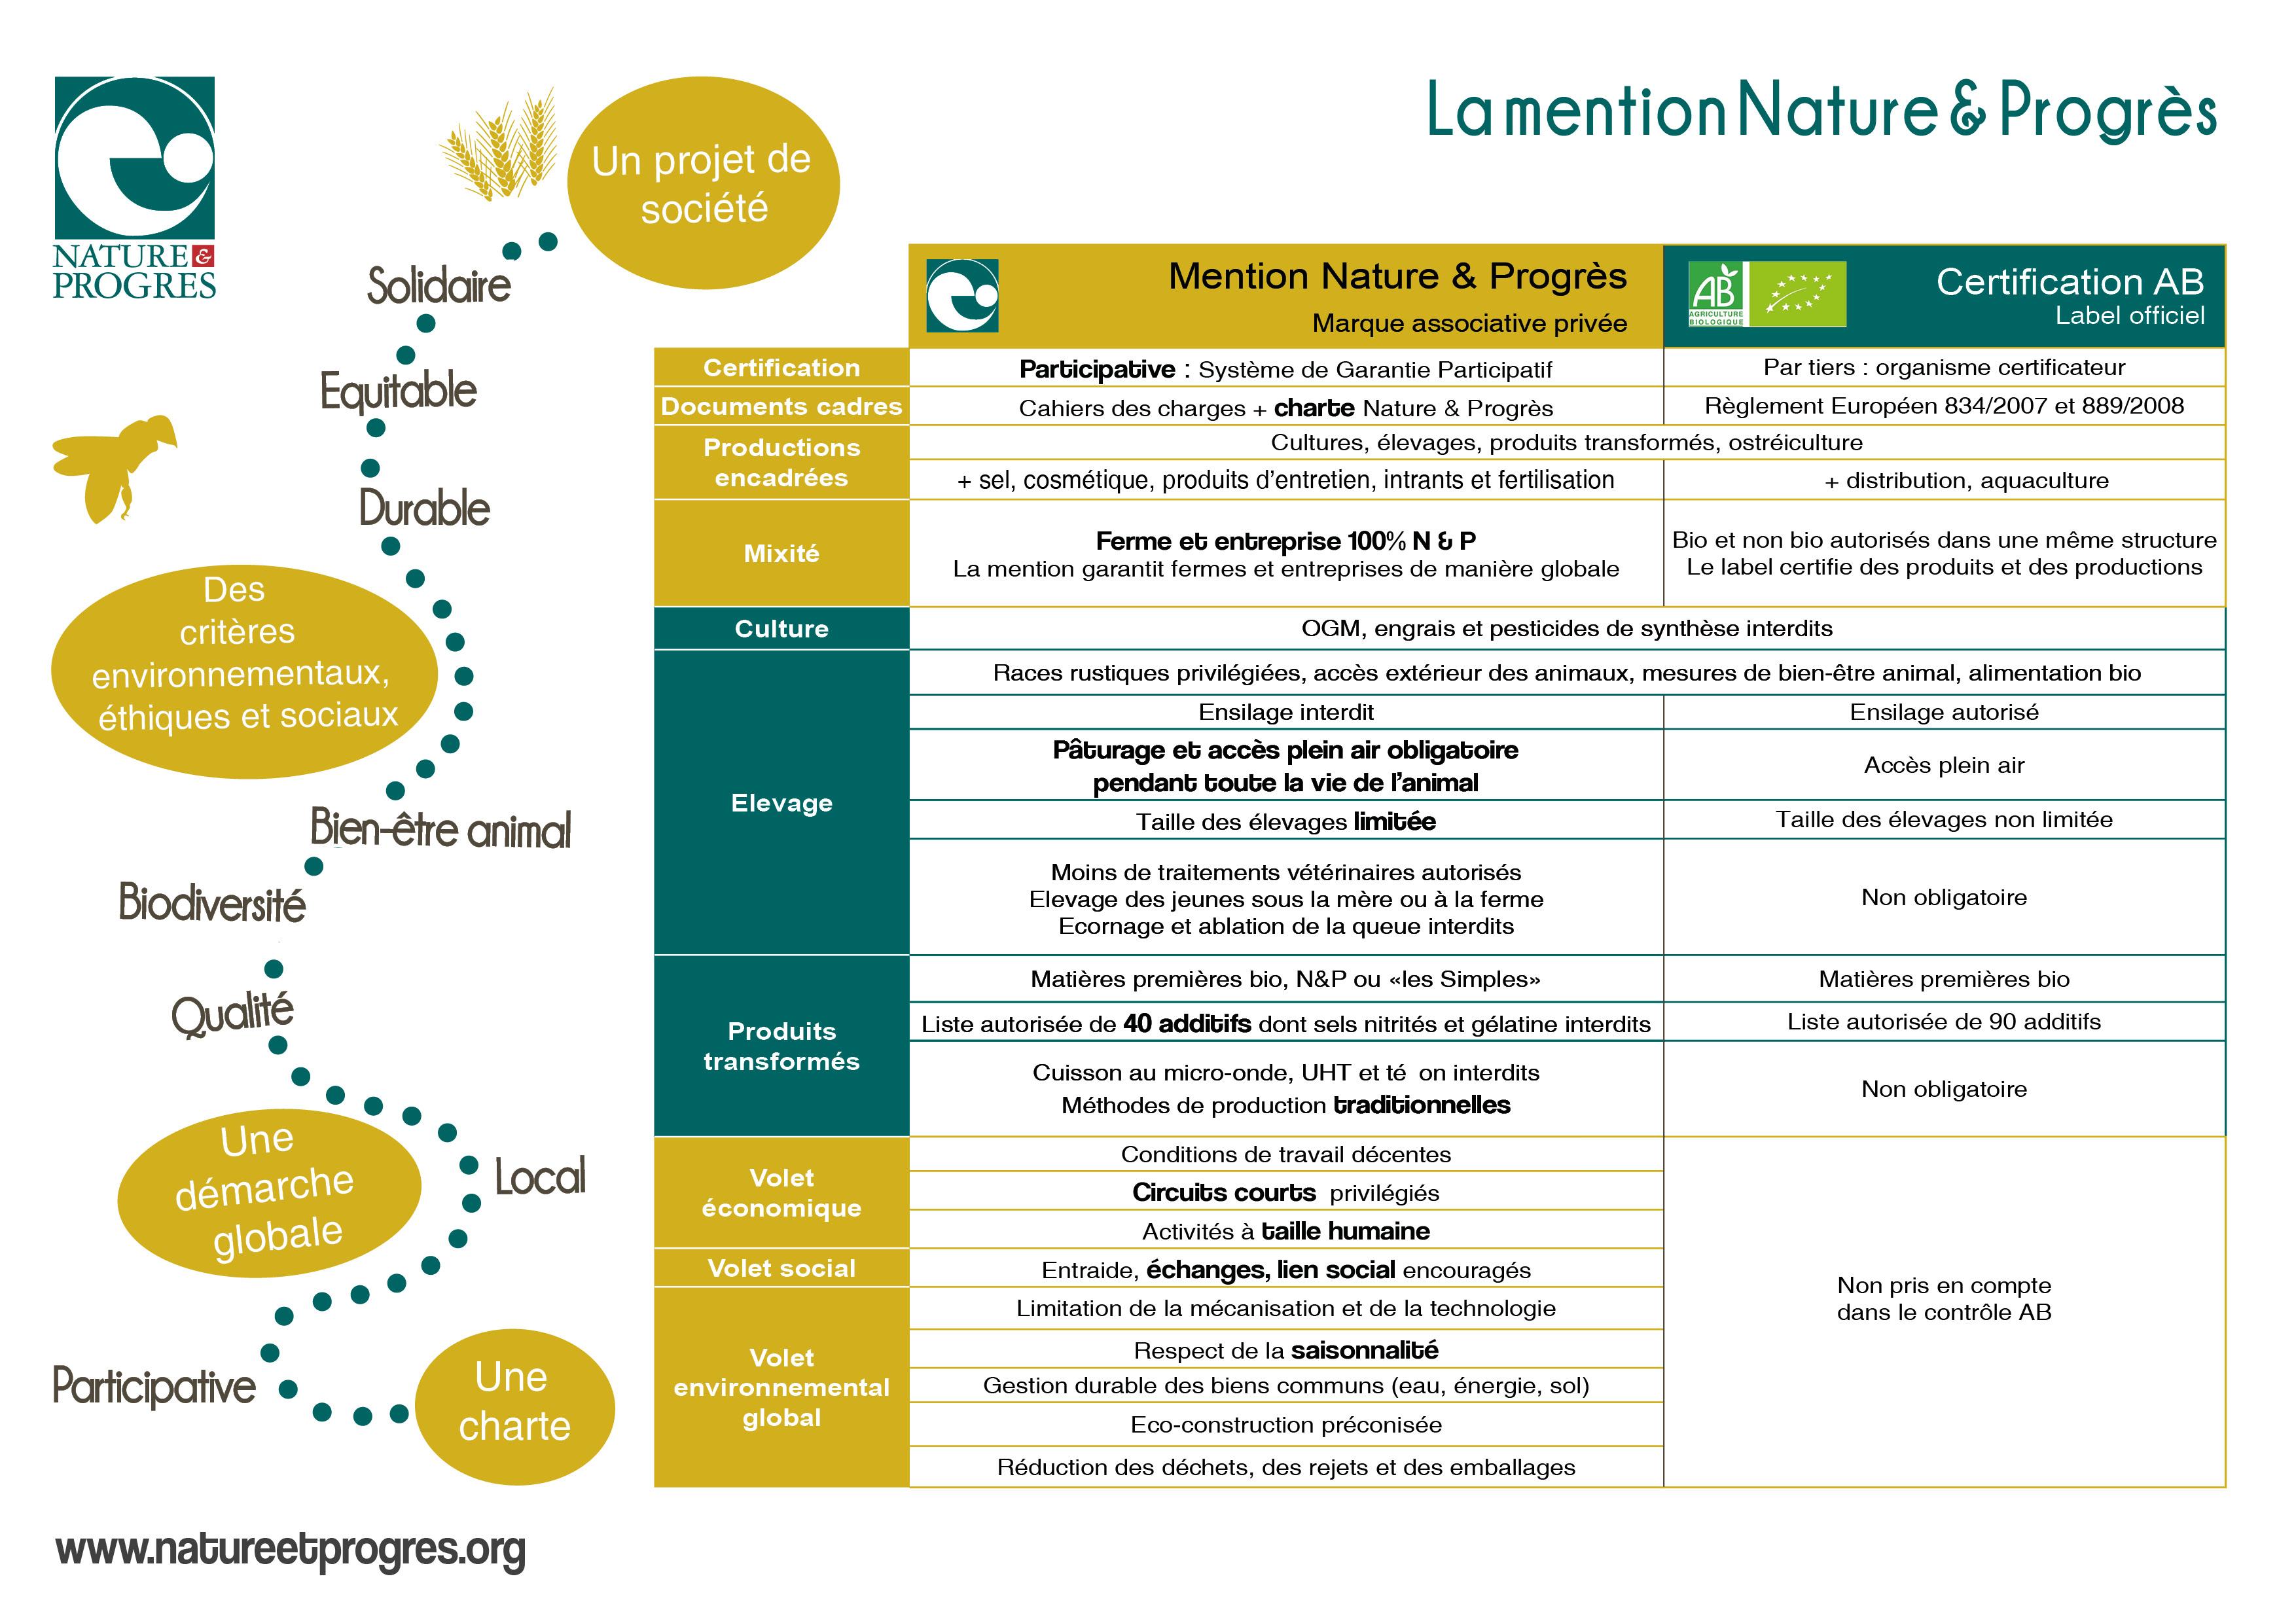 tableau de comparaison de la mention nature et progrès et du label AB